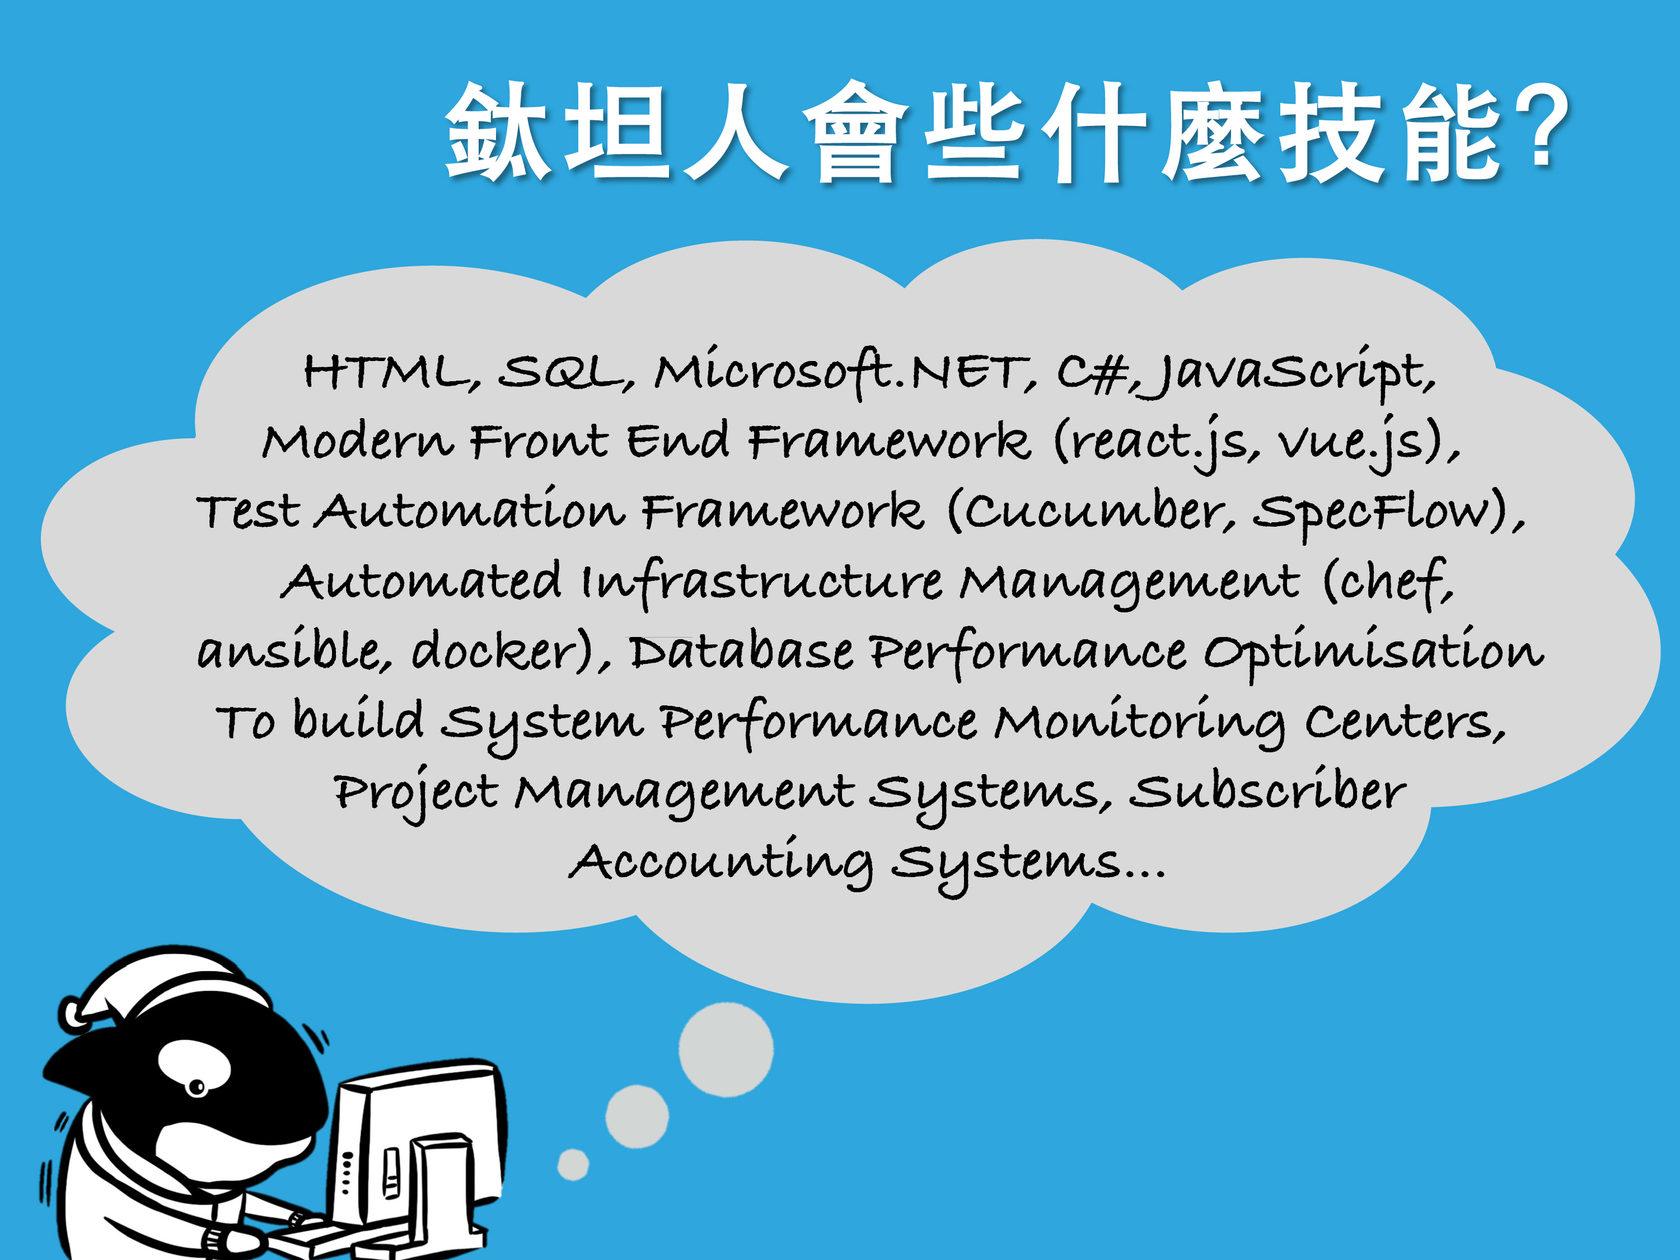 鈦坦人使用HTML, SQL, Microsoft.NET, C#, JavaScript, Modern Front End Framework,但更重要的是我們持續不斷學習